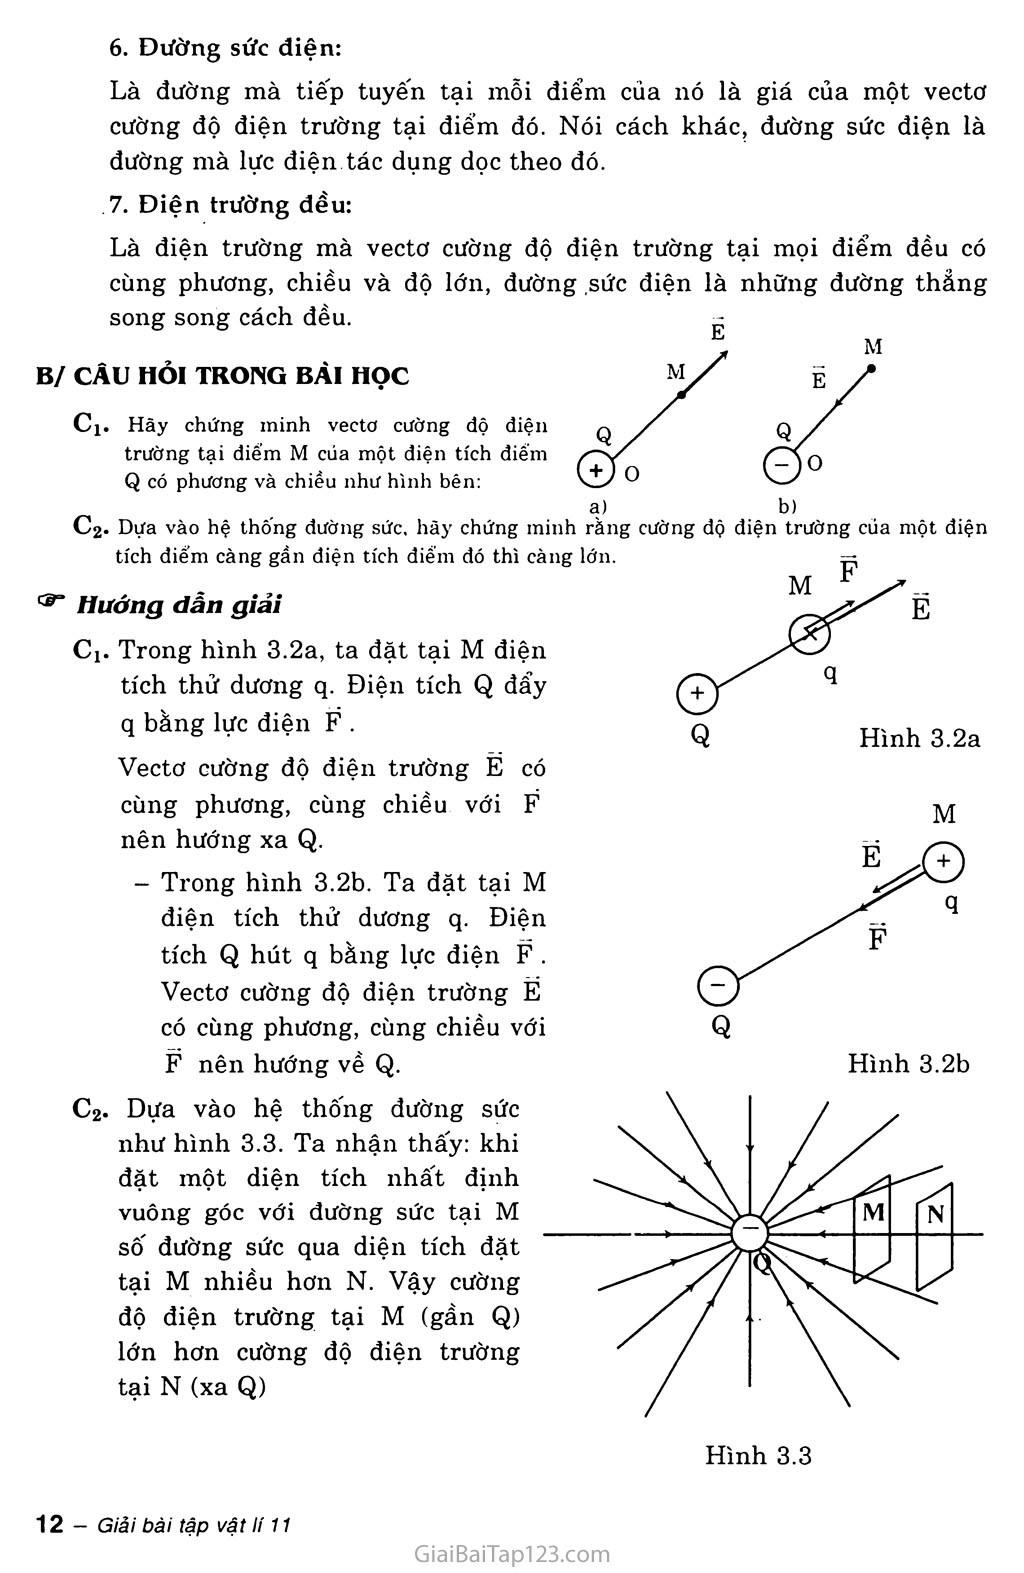 Bài 3: Điện trường và cường độ điện trường. Đường sức điện trang 2